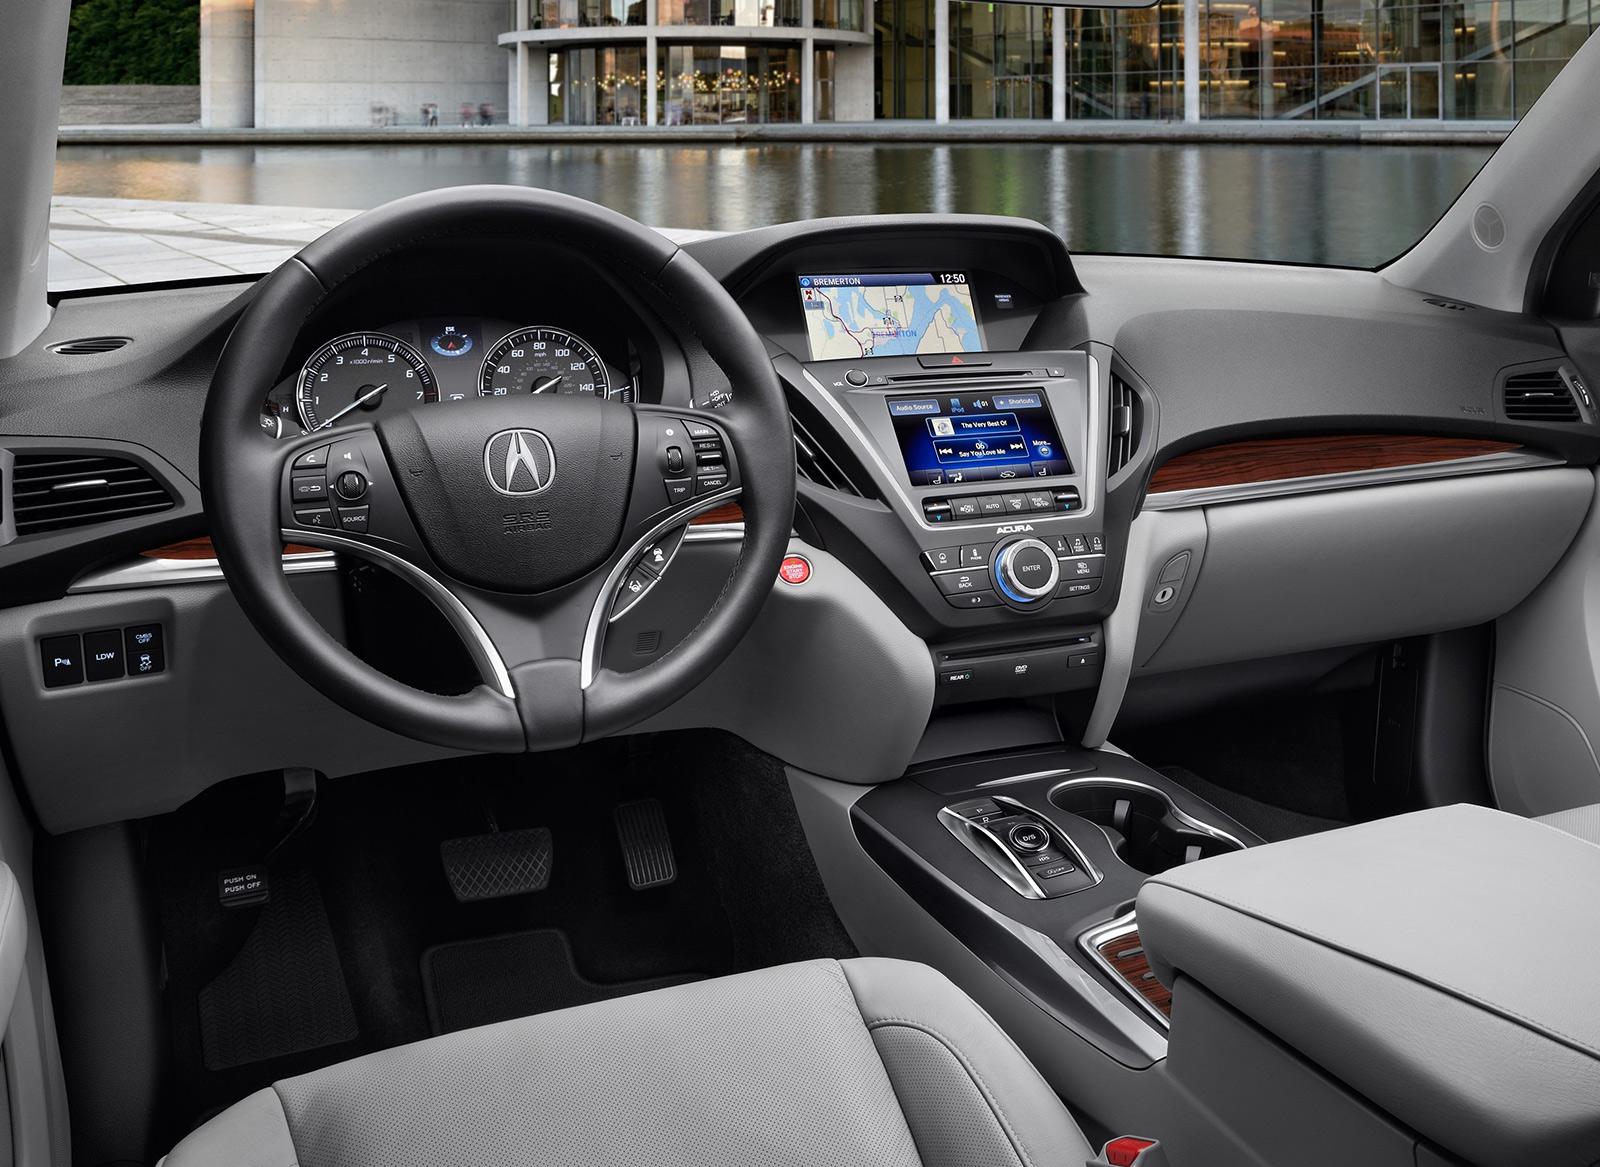 Acura Mdx 2016 Vs 2015 Consumer Reports